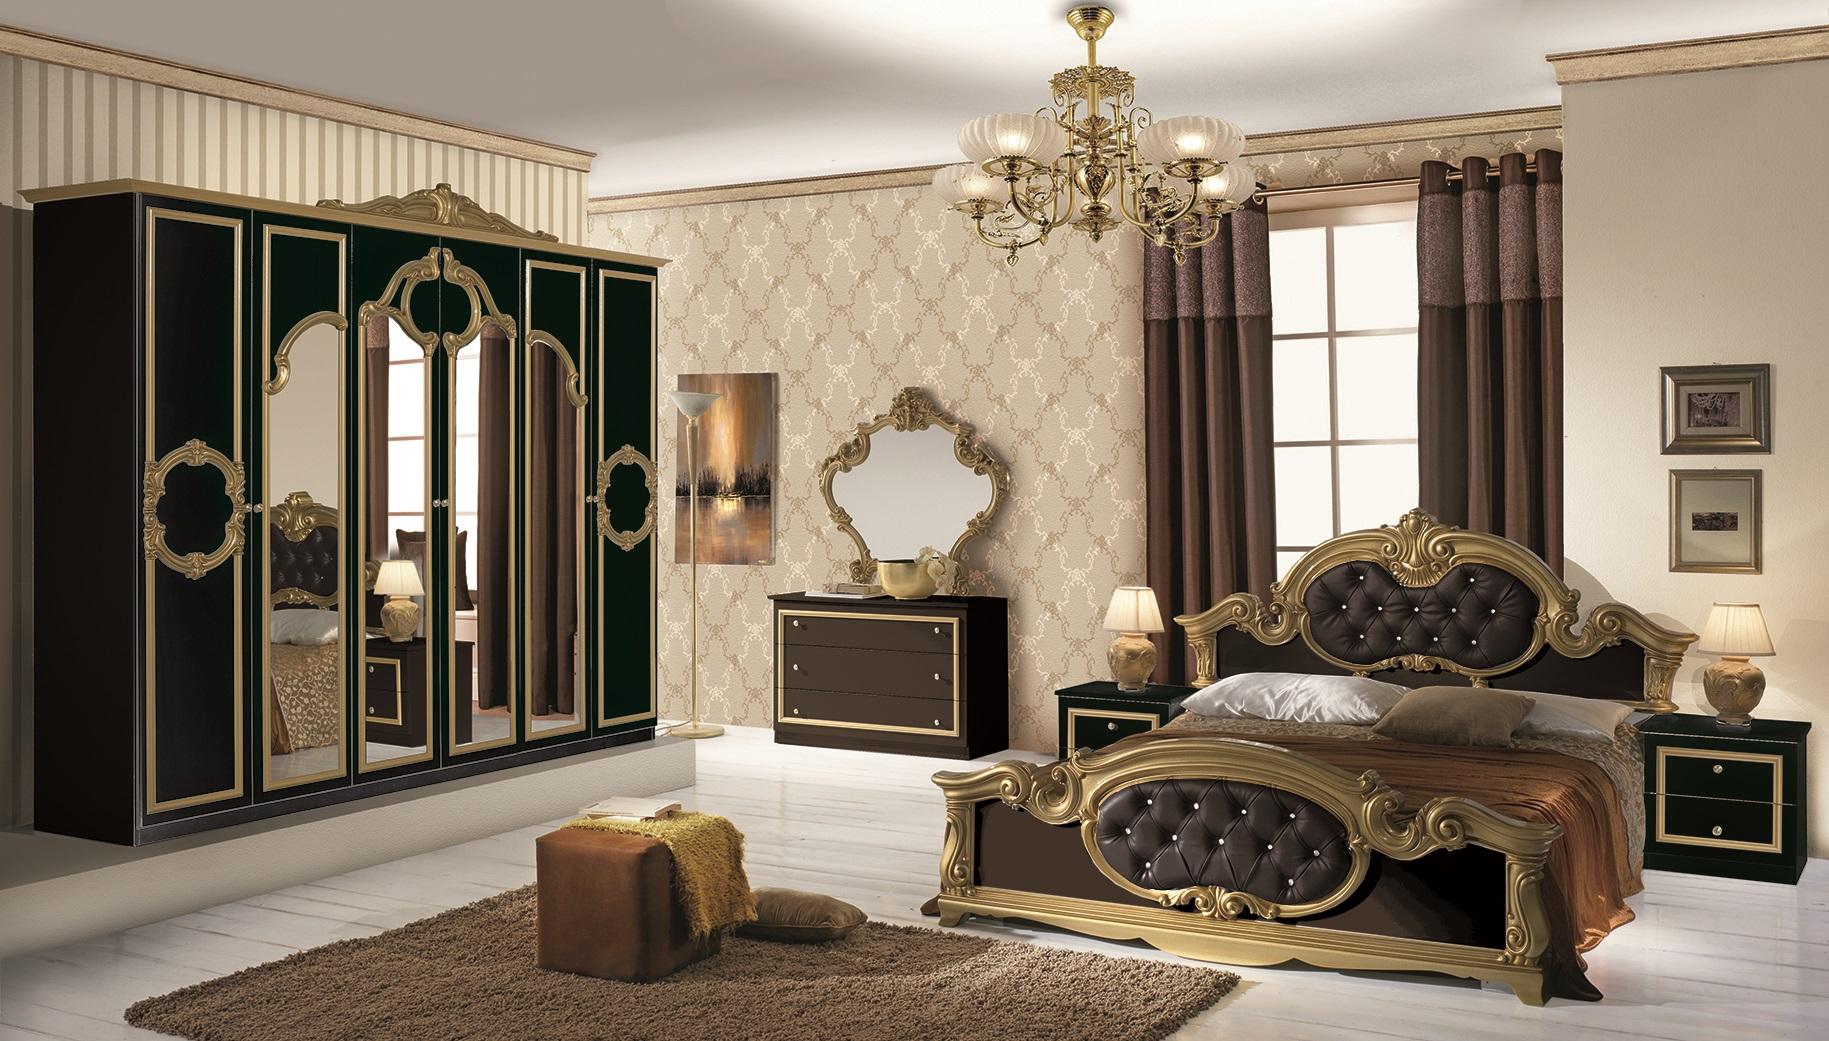 Full Size of Schlafzimmer Komplett Schwarz Set Barocco 7 Teilig In Gold 160x200 Cm Mit Schwarze Küche Bett Eckschrank Lampe Günstige Stuhl Komplette Loddenkemper Wohnzimmer Schlafzimmer Komplett Schwarz